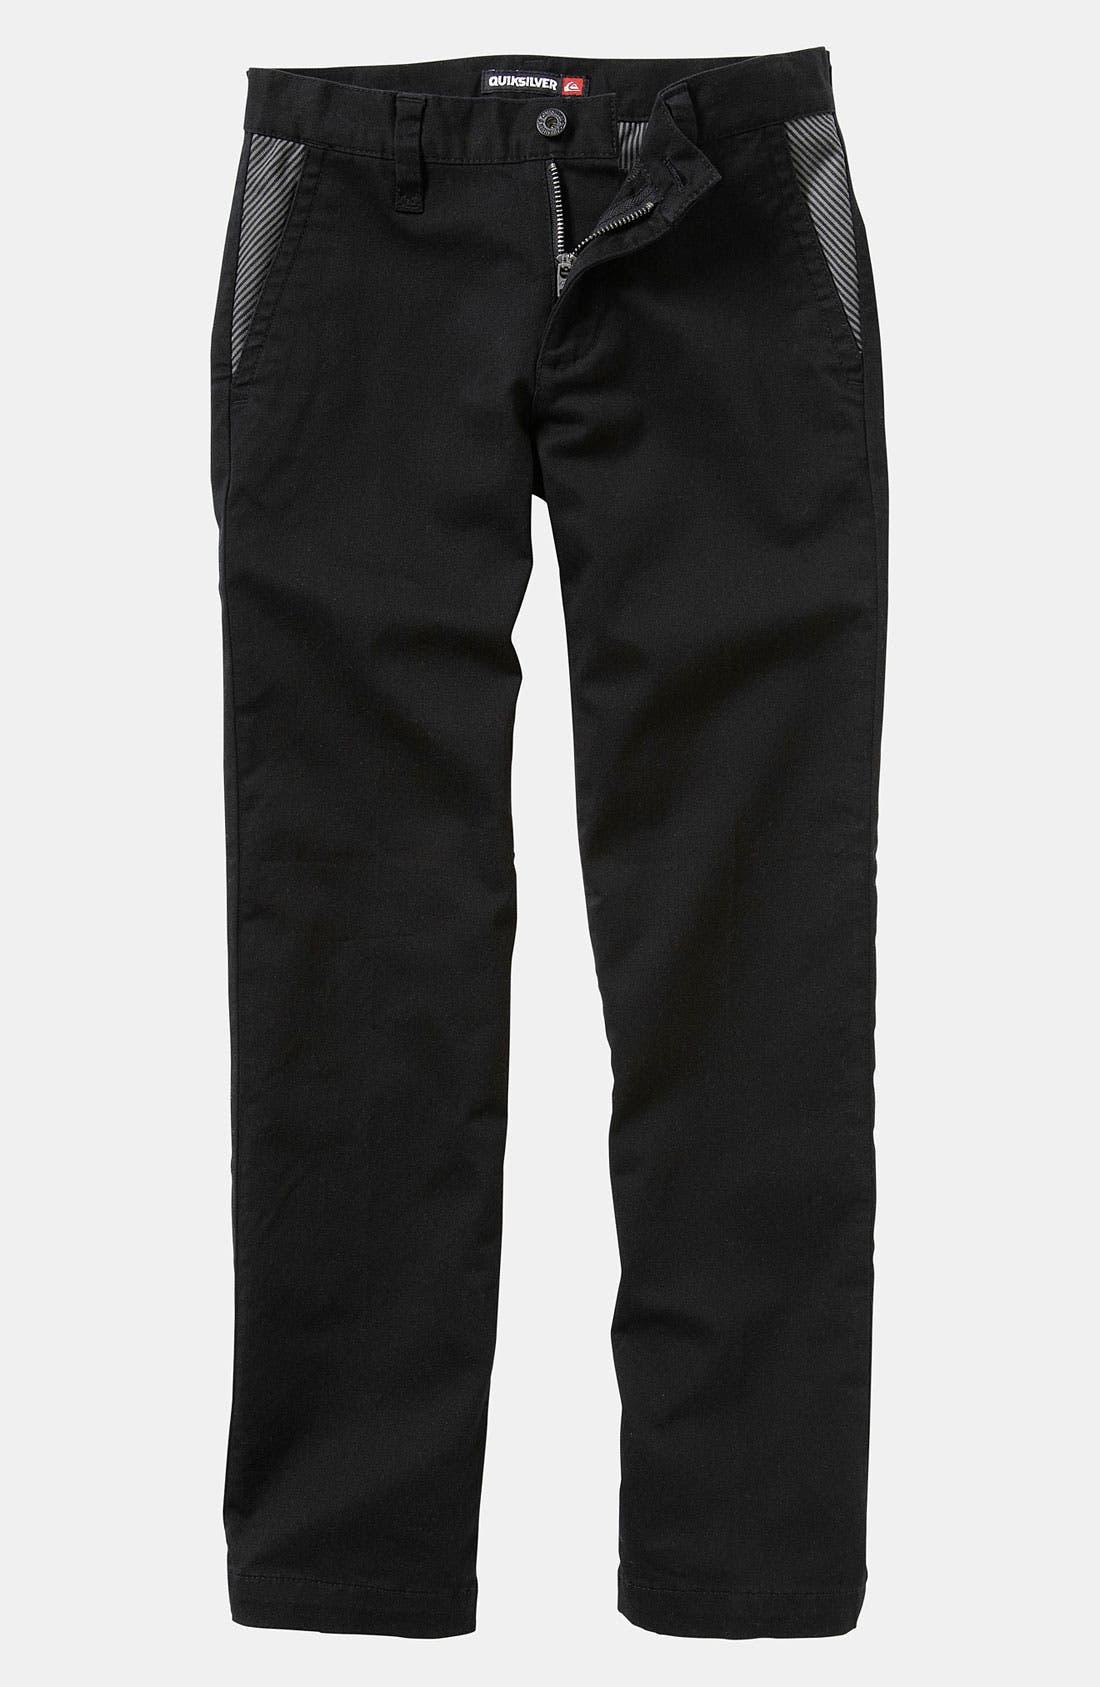 Main Image - Quiksilver 'Box Wire' Slim Straight Leg Chino Pants (Big Boys)